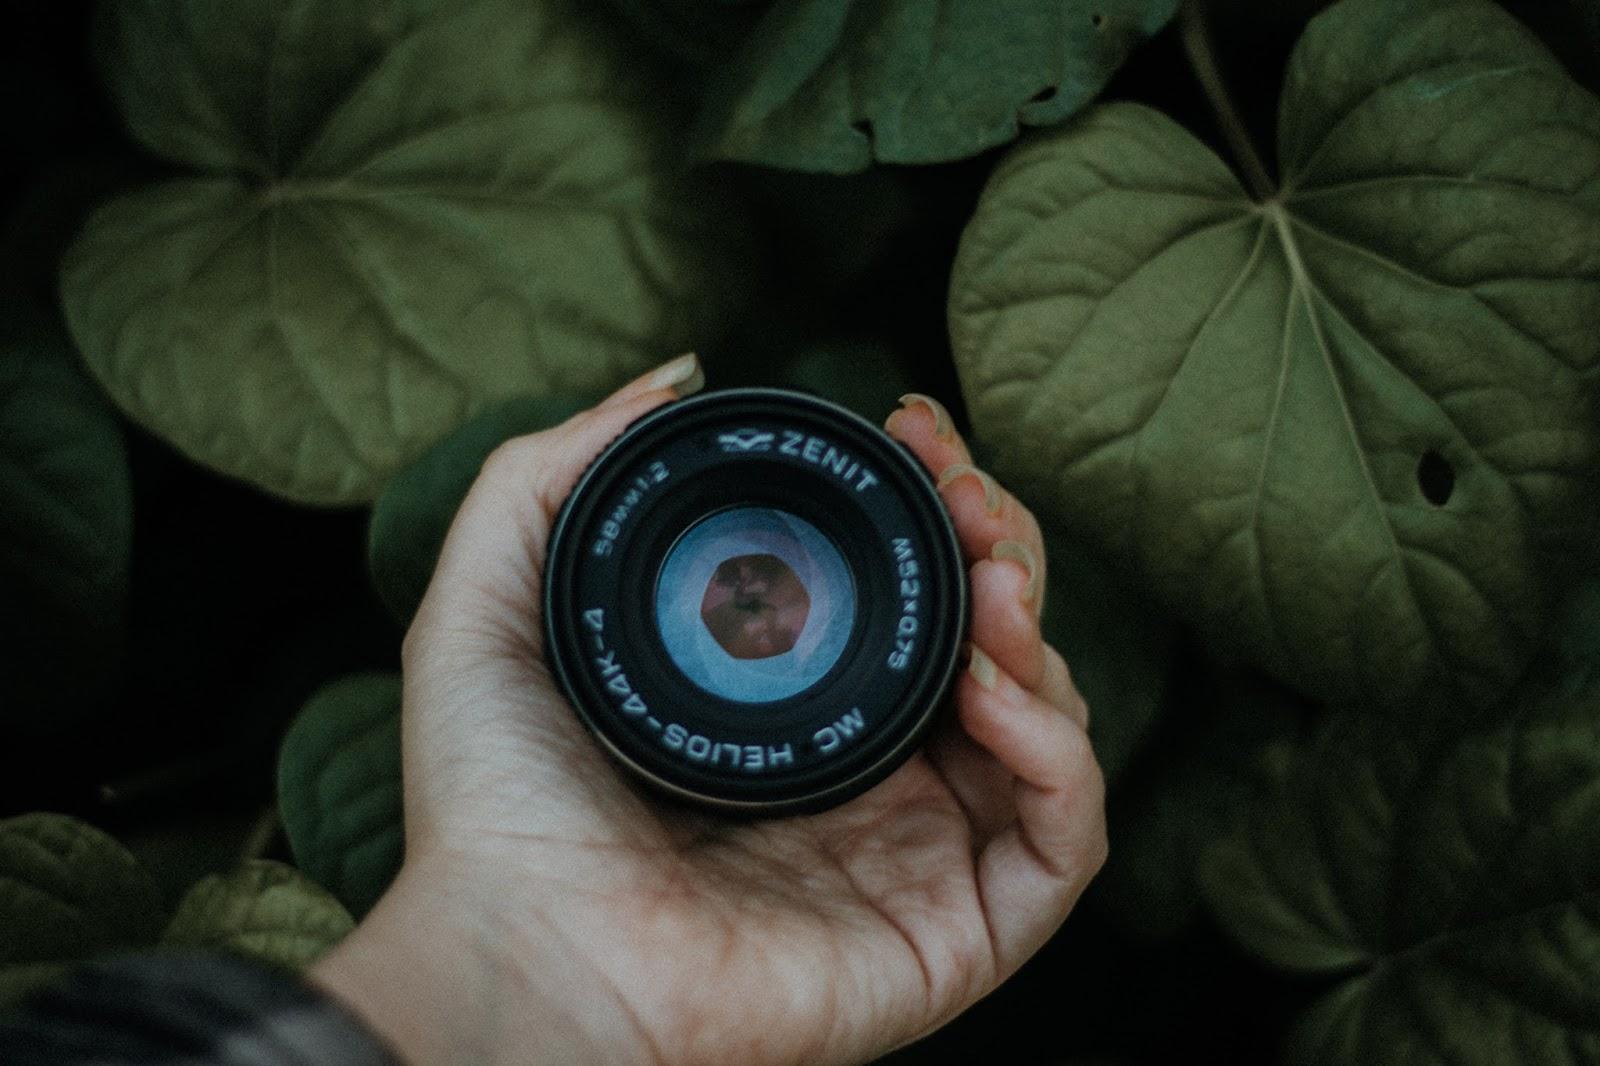 Comprei: Zenit 122. Vocês notaram que a lente é bem robusta, mas ela é ótima e dá para se usar nas câmeras atuais com um anel adaptador. No 7 on 7 desse mês, fiz algumas fotos com ela e até expliquei sobre isso.  As lentes das câmeras antigas tem uma qualidade excelente e são bem mais baratas, na maioria das vezes elas são bem em conta. Mas, se elas estiverem em bom estado e sem fungos, você apenas tem que comprar um anel adaptador que deve estar custando no máximo uns 100 reais.